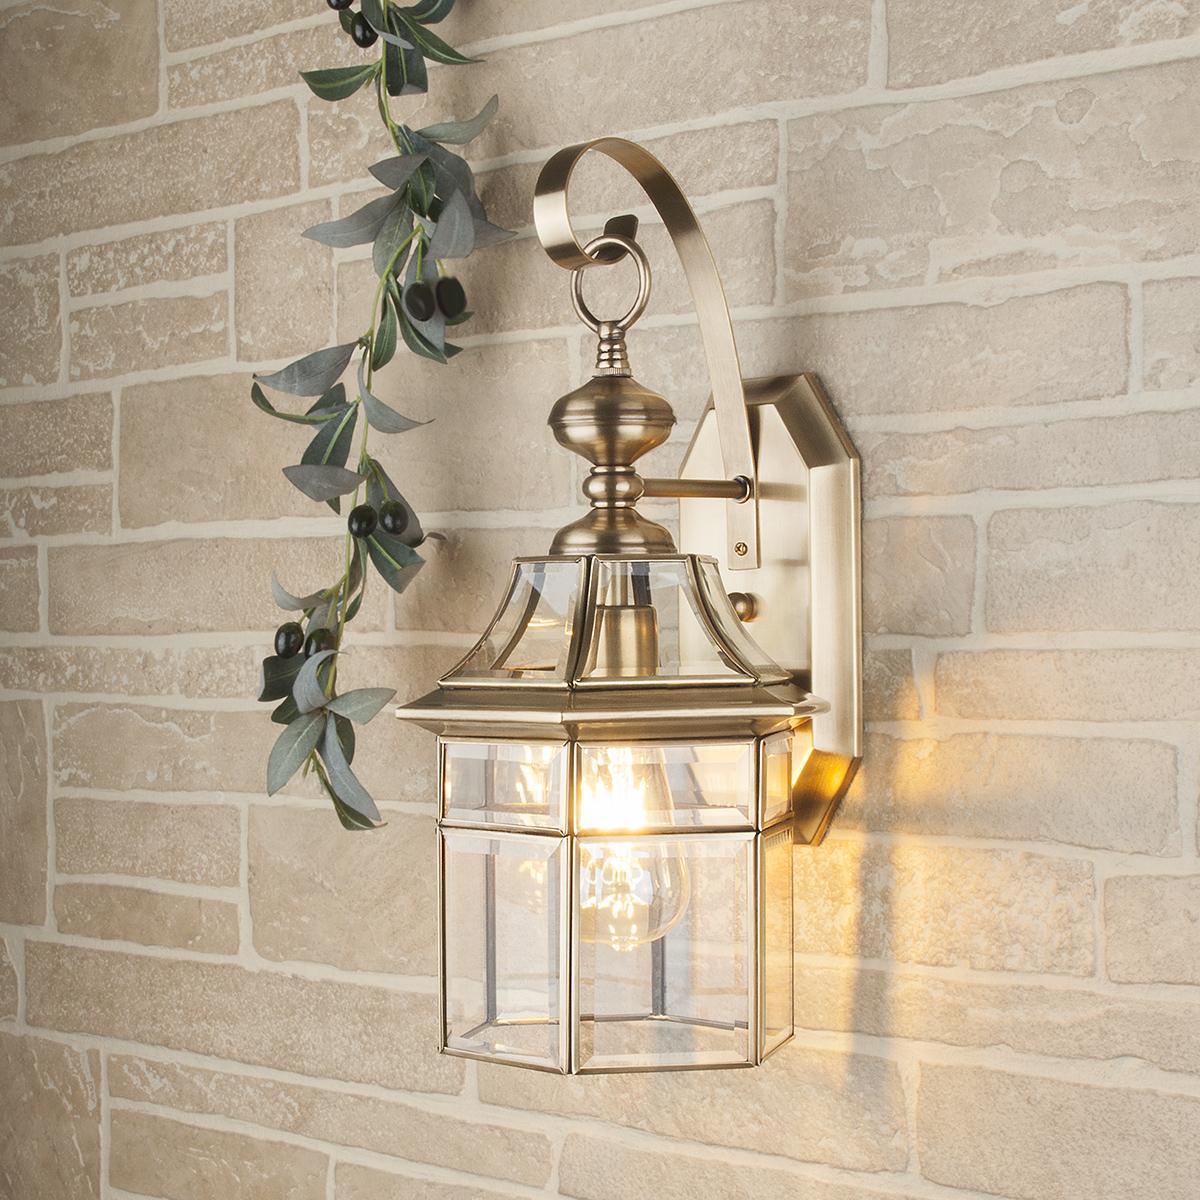 Купить со скидкой Уличный настенный светильник Elektrostandard Savoie из металла и стекла